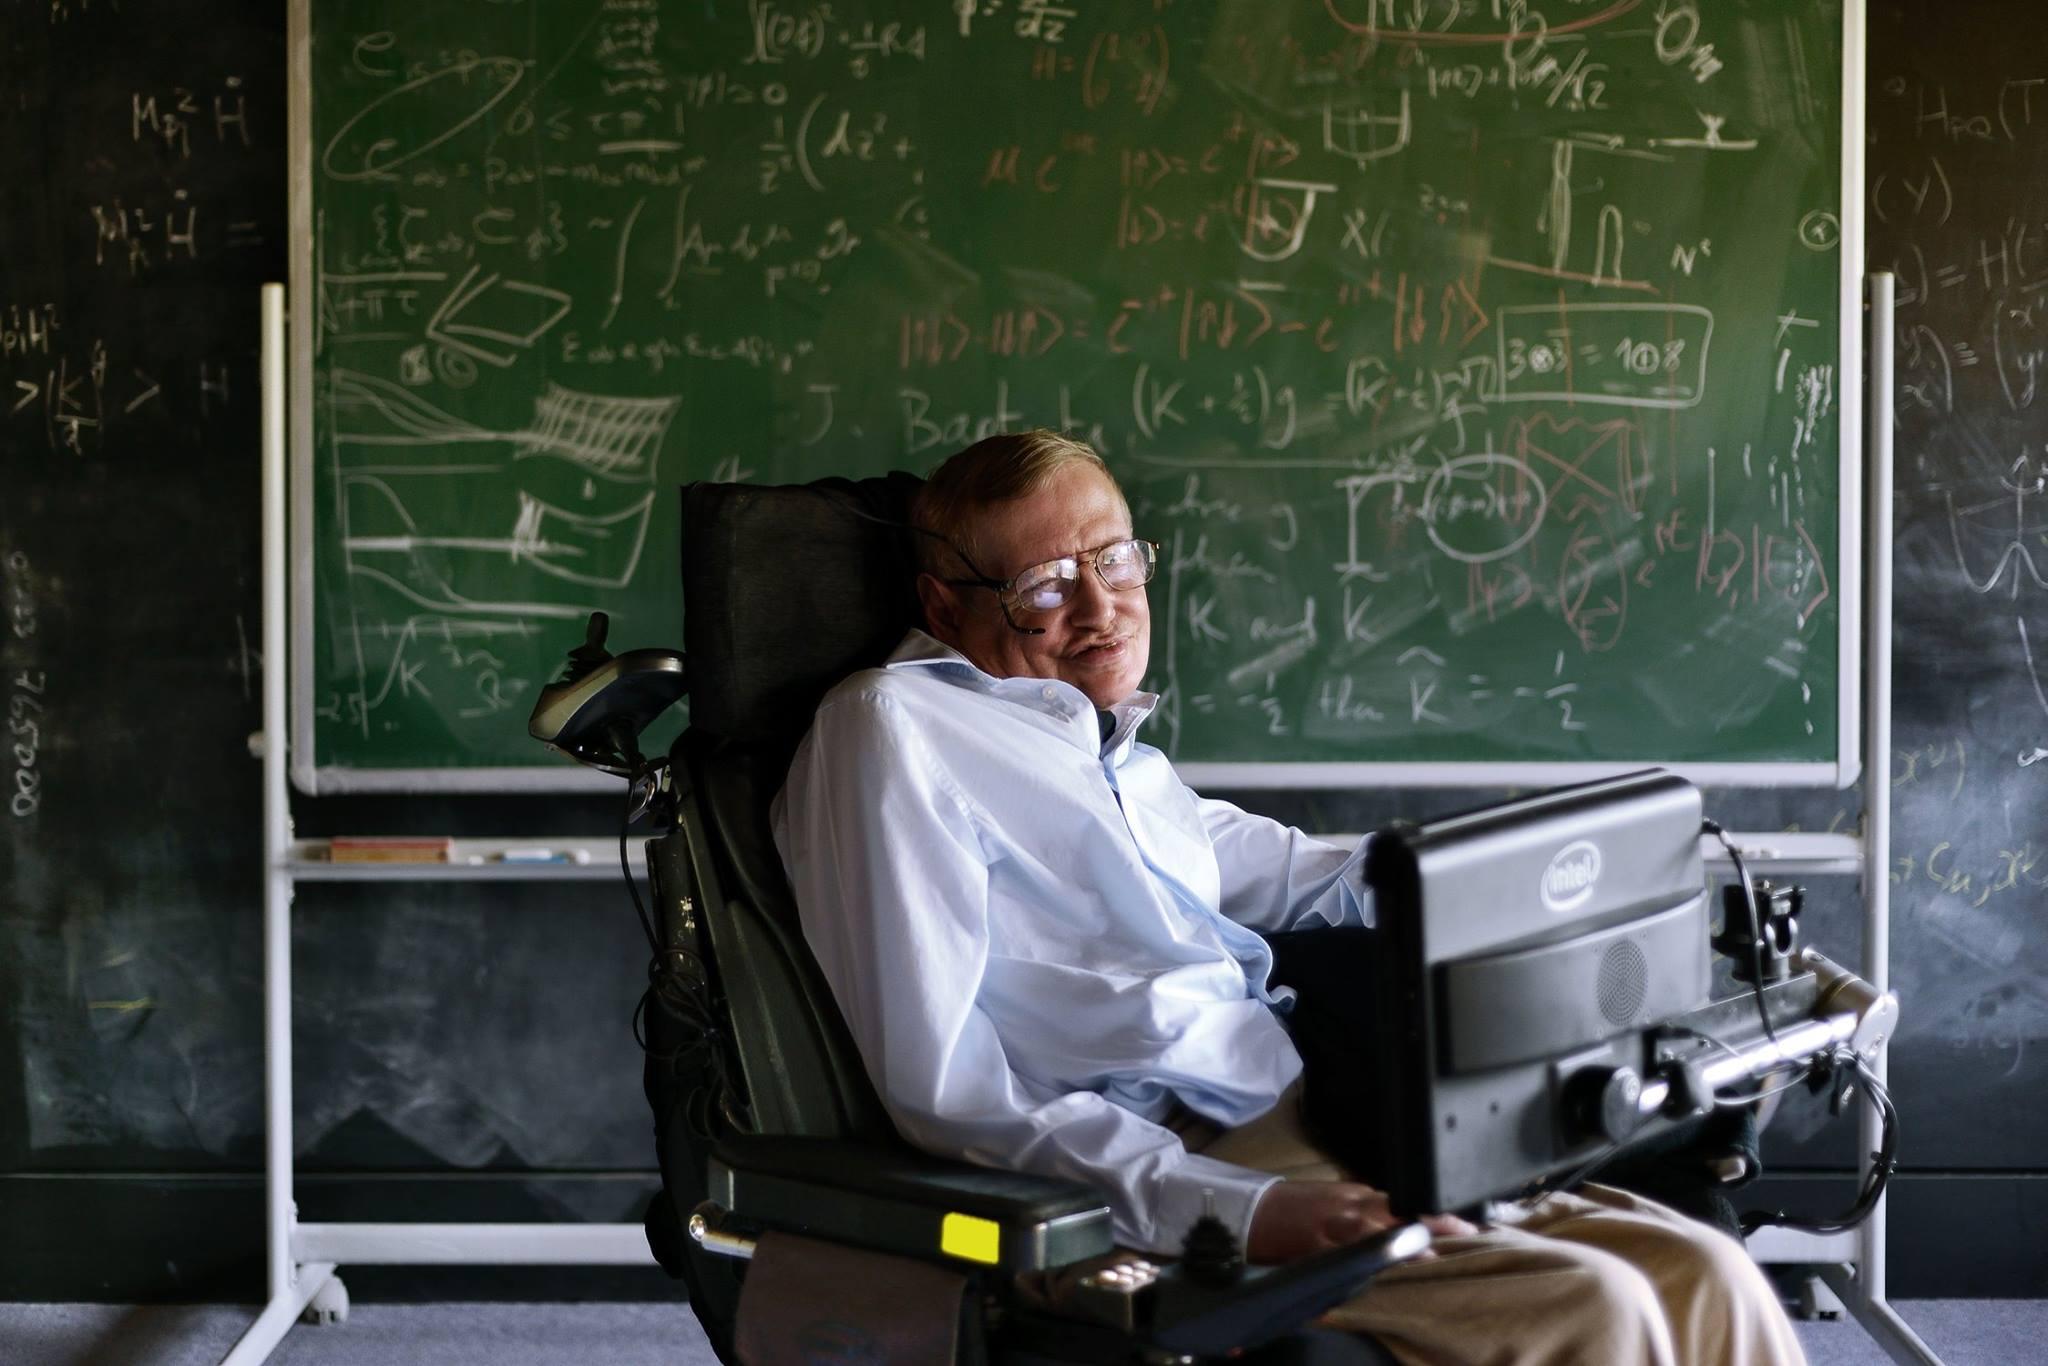 Стивен Хокинг завел аккаунт в Facebook, где обещает сообщать о своих открытиях